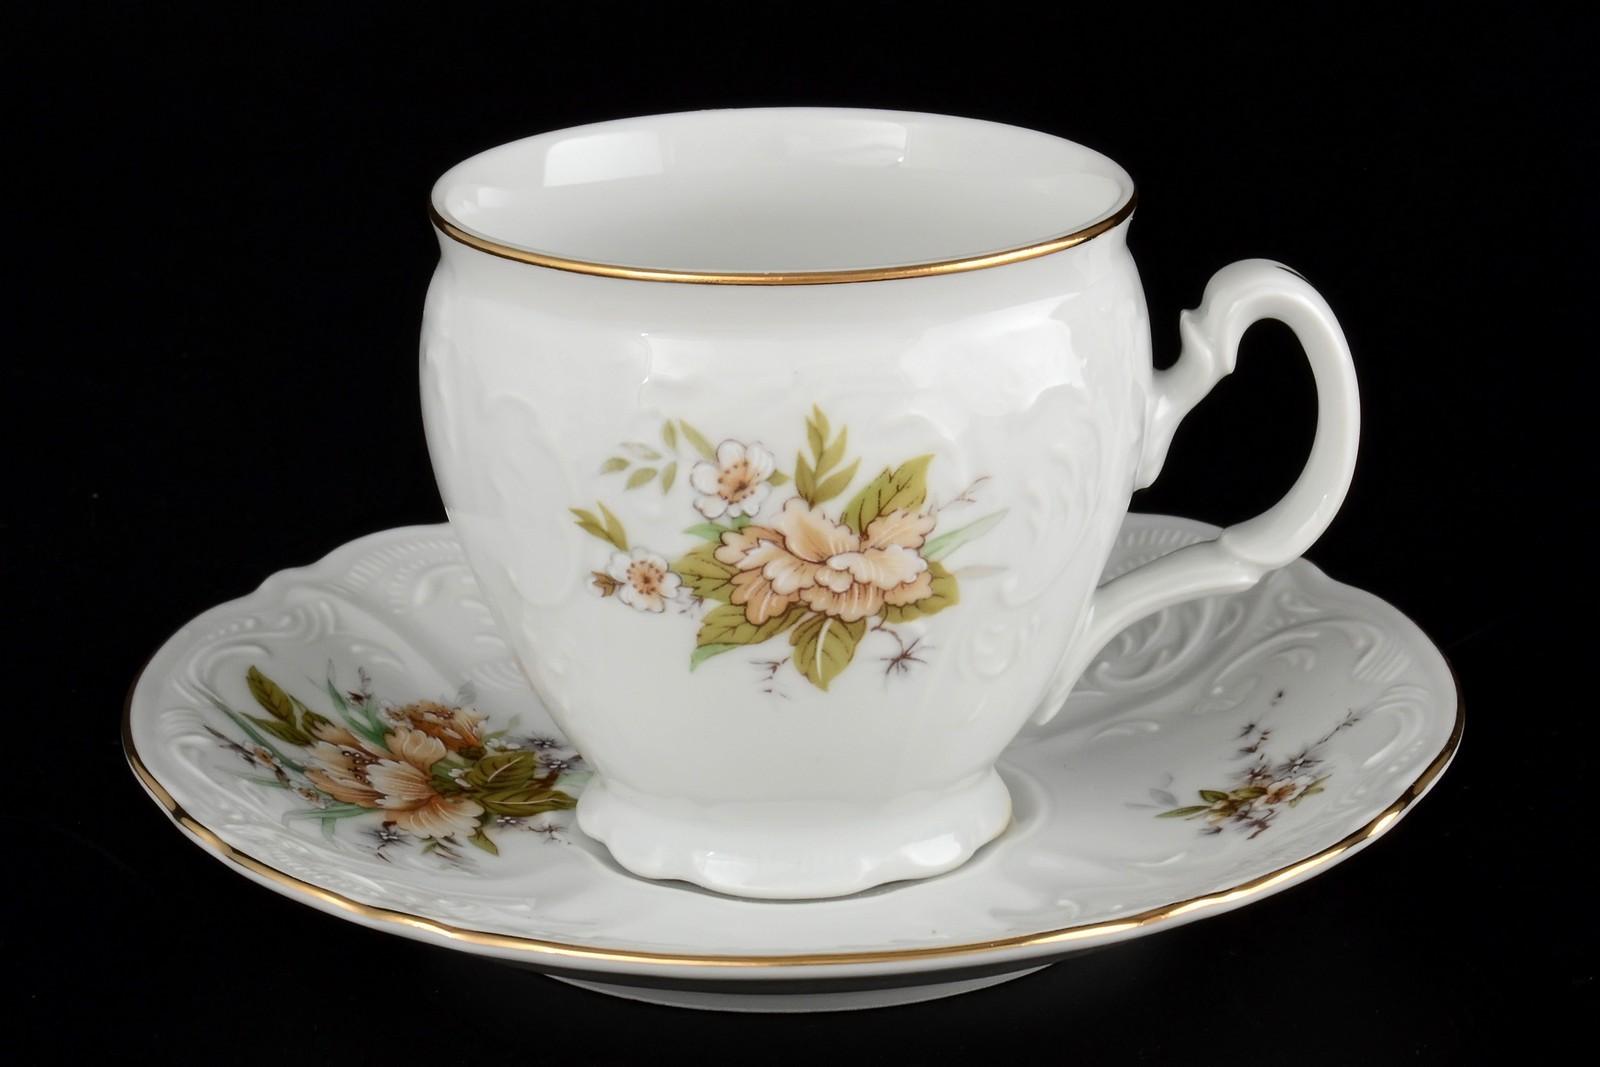 Набор чайных пар бочка 240 мл Бернадотт Зеленый цветок (6 пар)